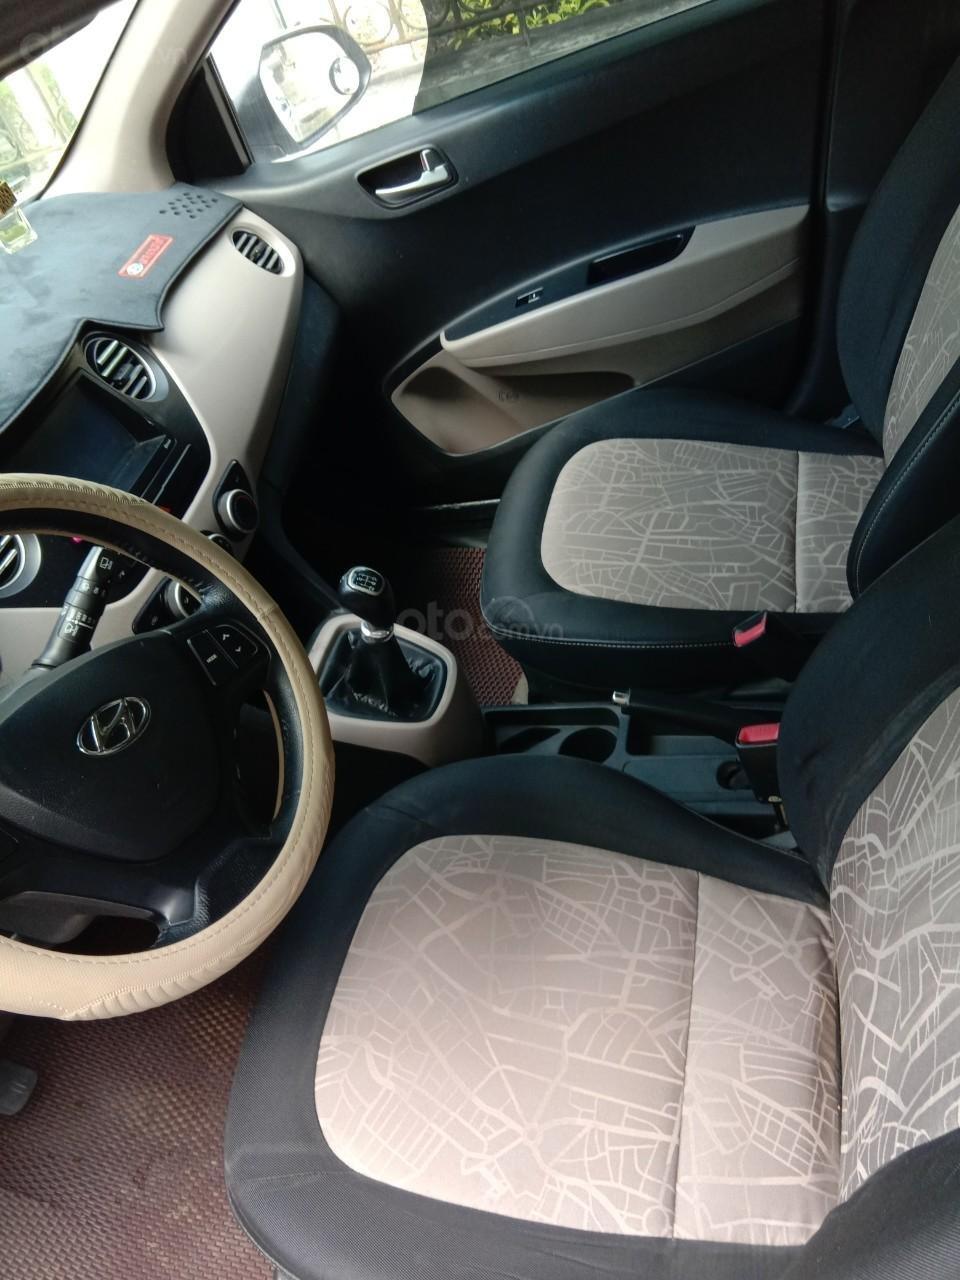 Cần bán xe Hyundai Grand i10 đăng ký 2016, màu trắng chính chủ, giá 260 triệu đồng (3)